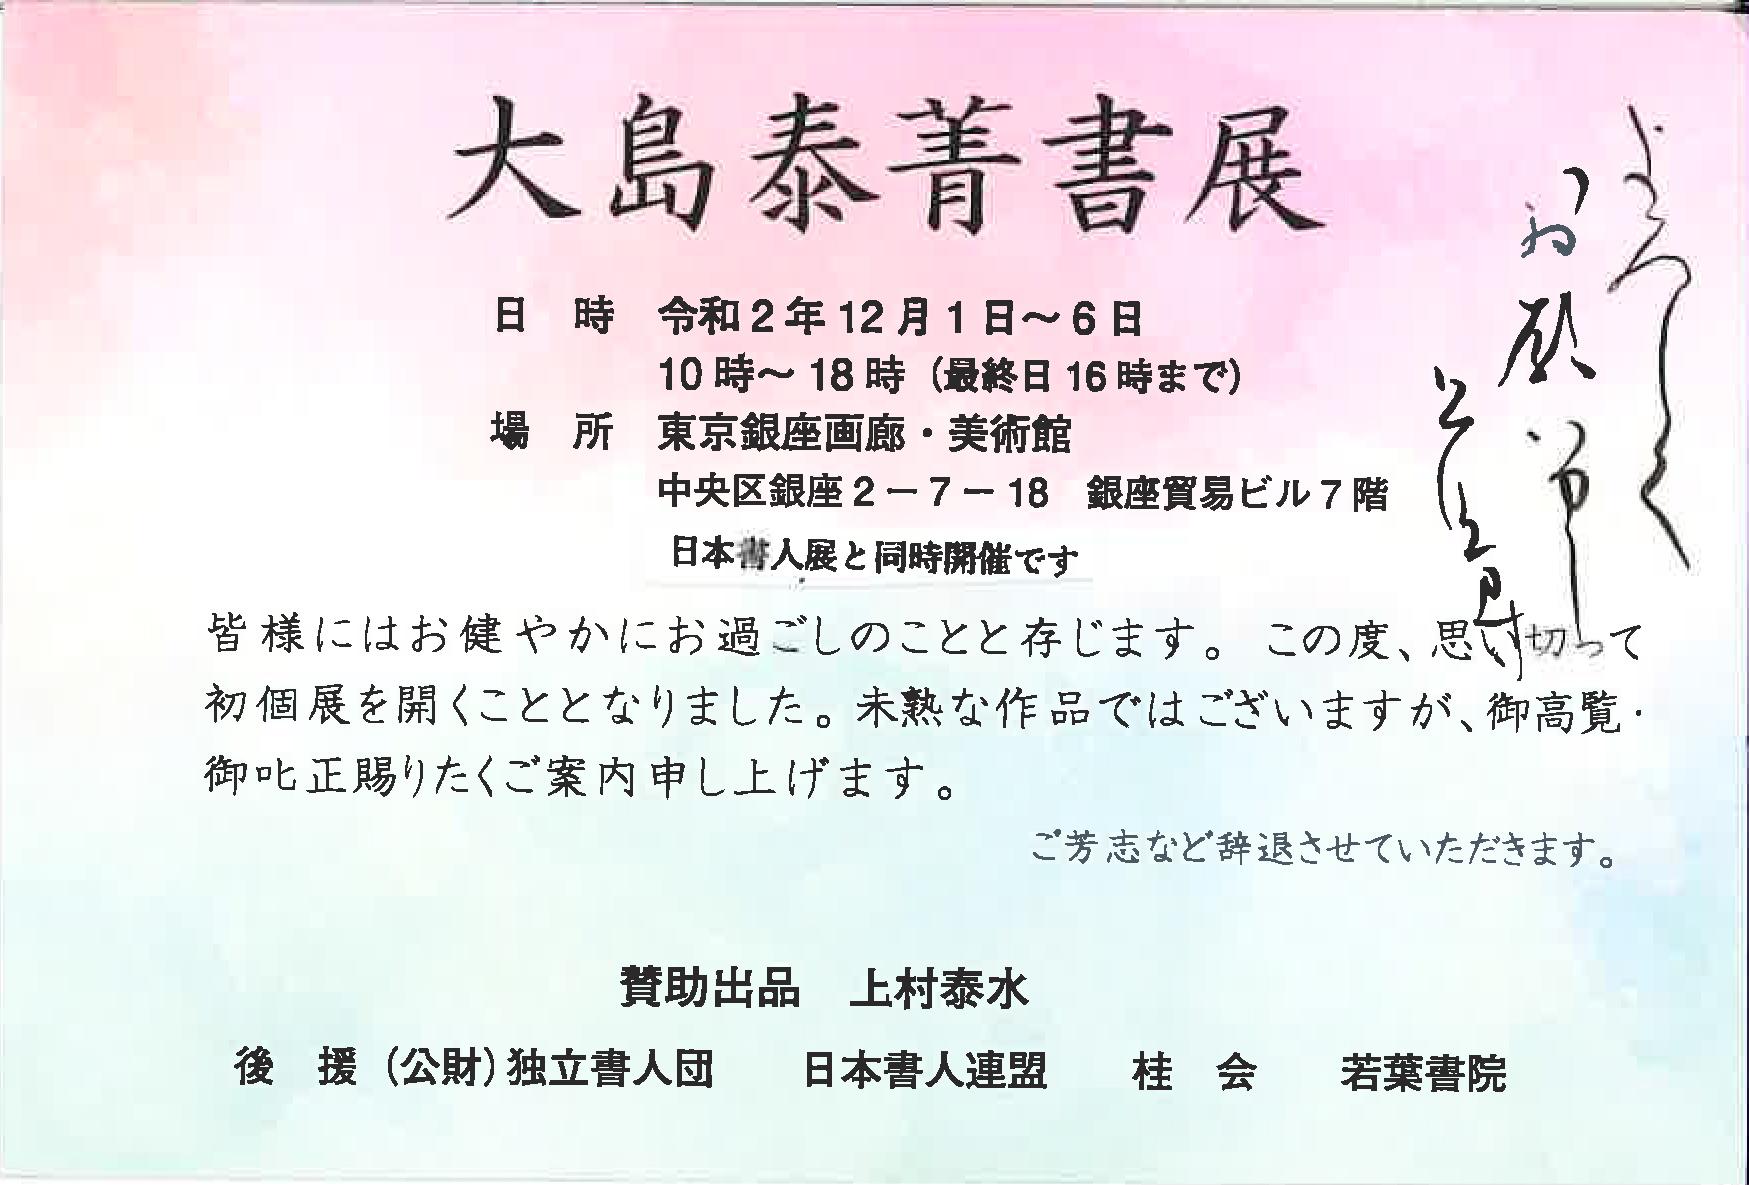 【展覧会情報】大島泰菁書展